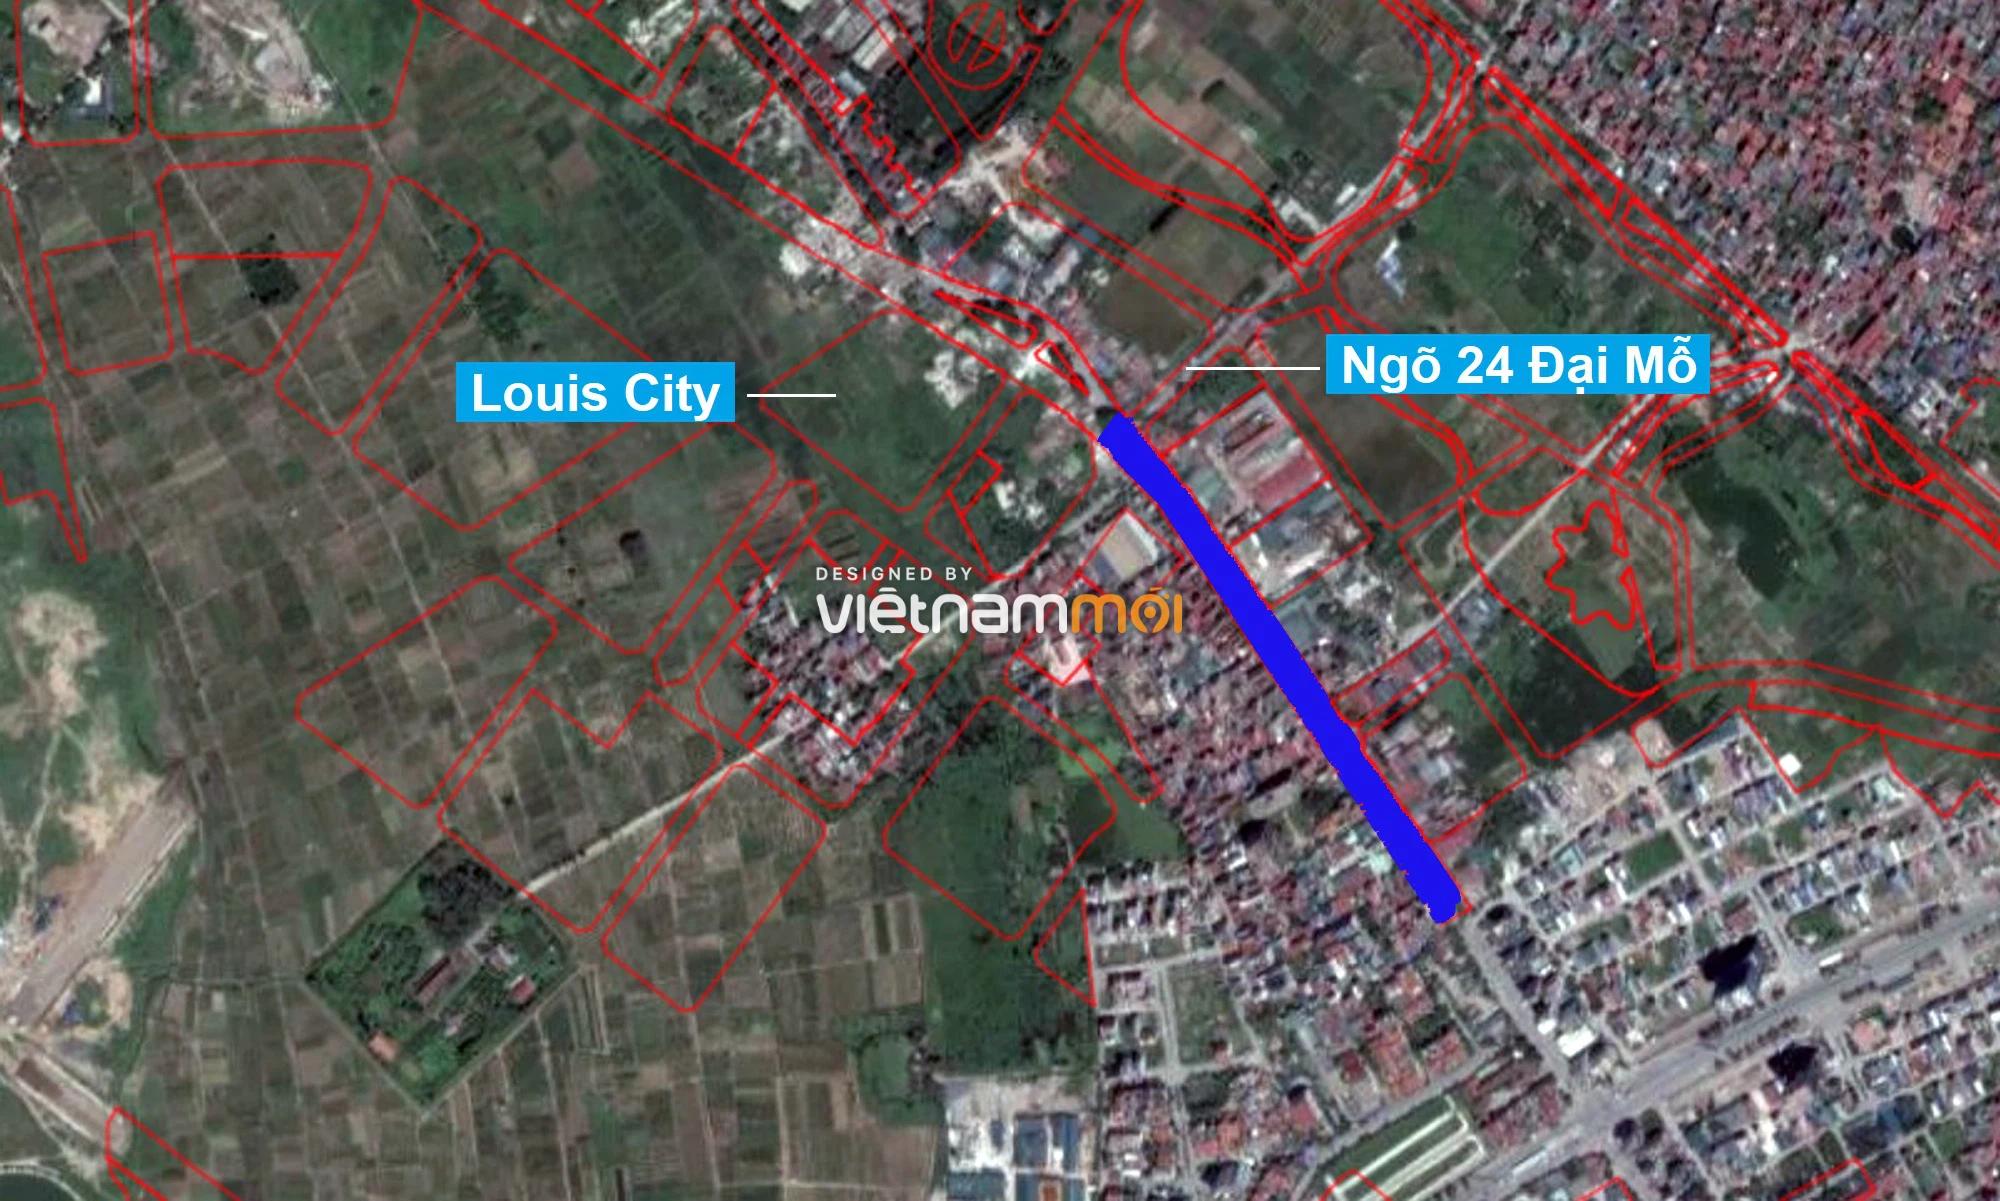 Những khu đất sắp thu hồi để mở đường ở phường Đại Mỗ, Nam Từ Liêm, Hà Nội (phần 2) - Ảnh 13.